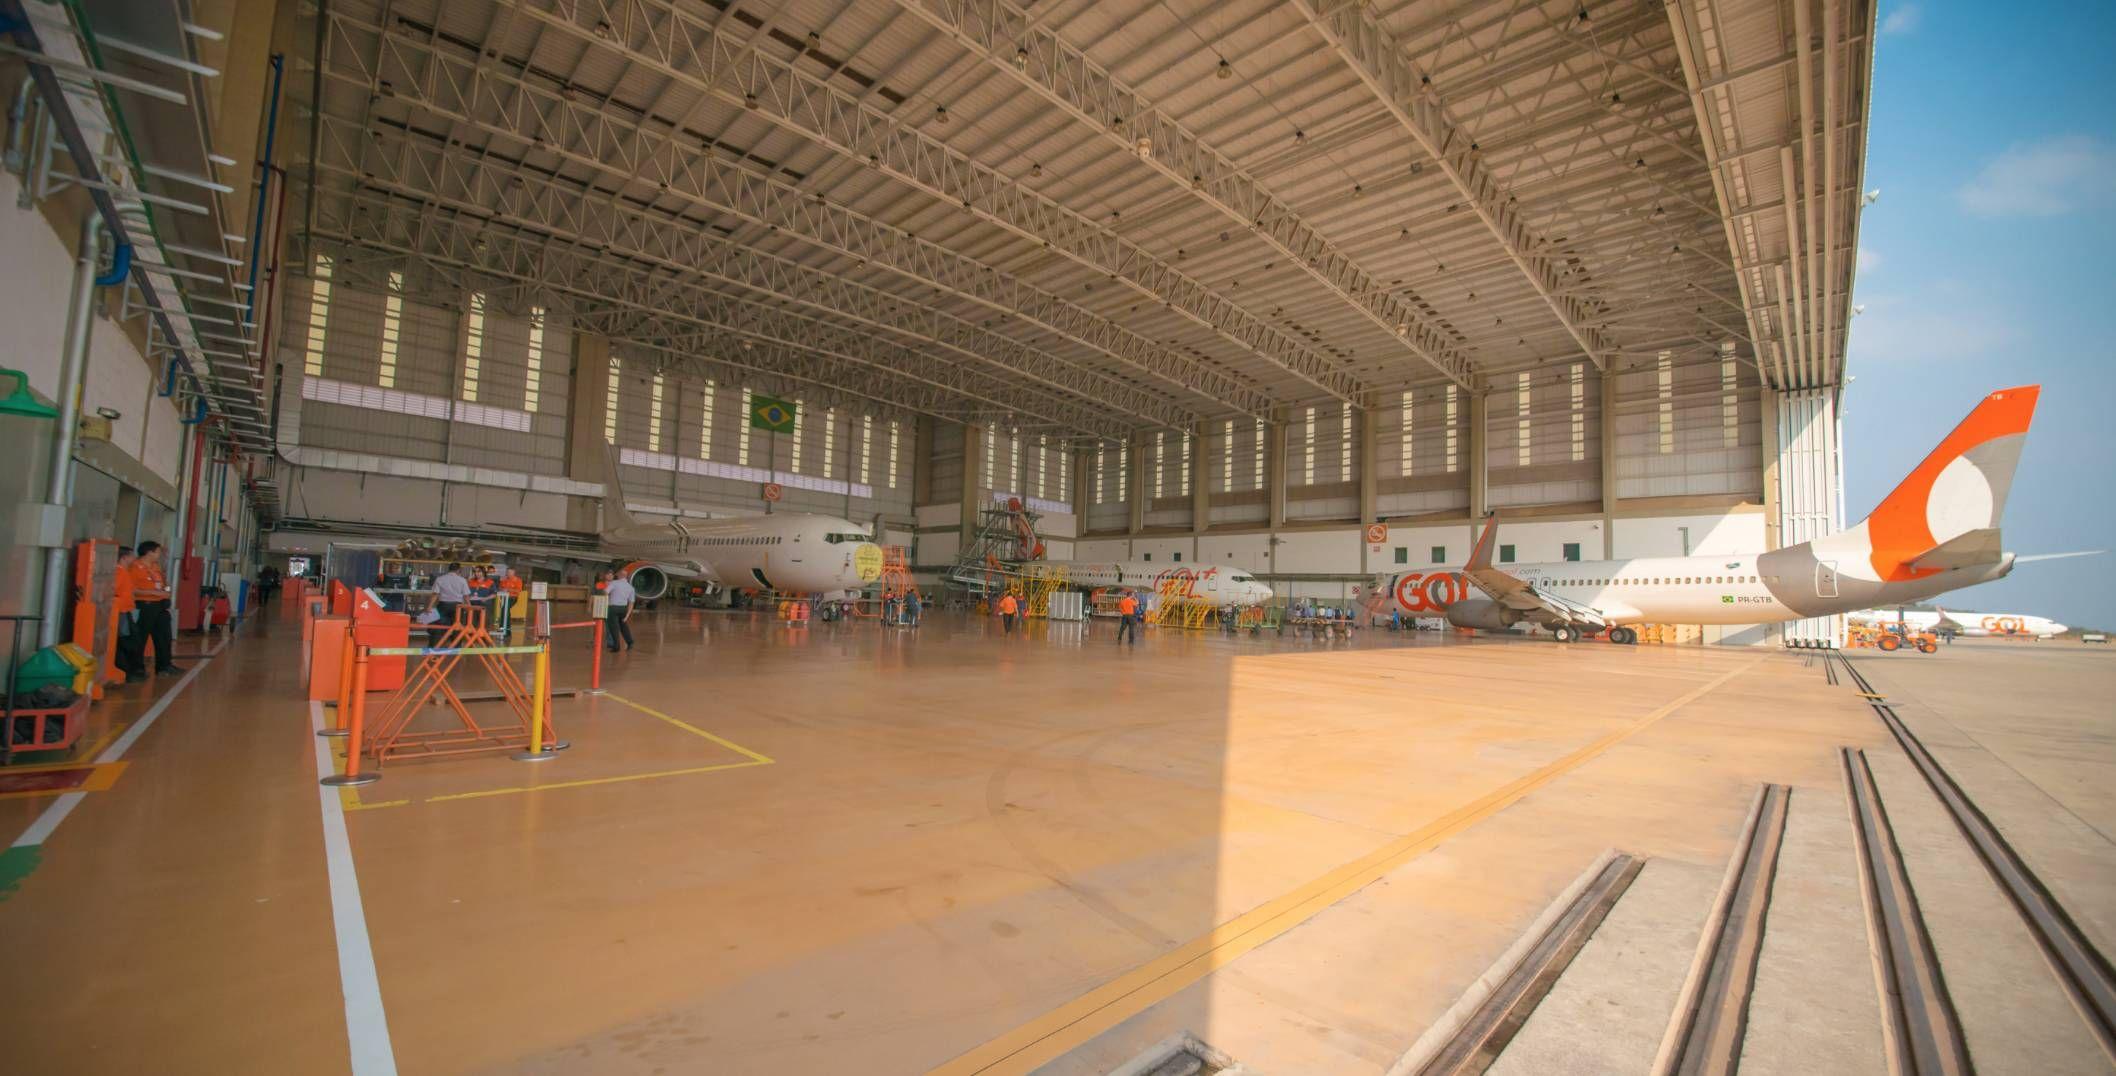 GOL inicia no Brasil instalação de antena nas aeronaves para conexão à internet via satélite